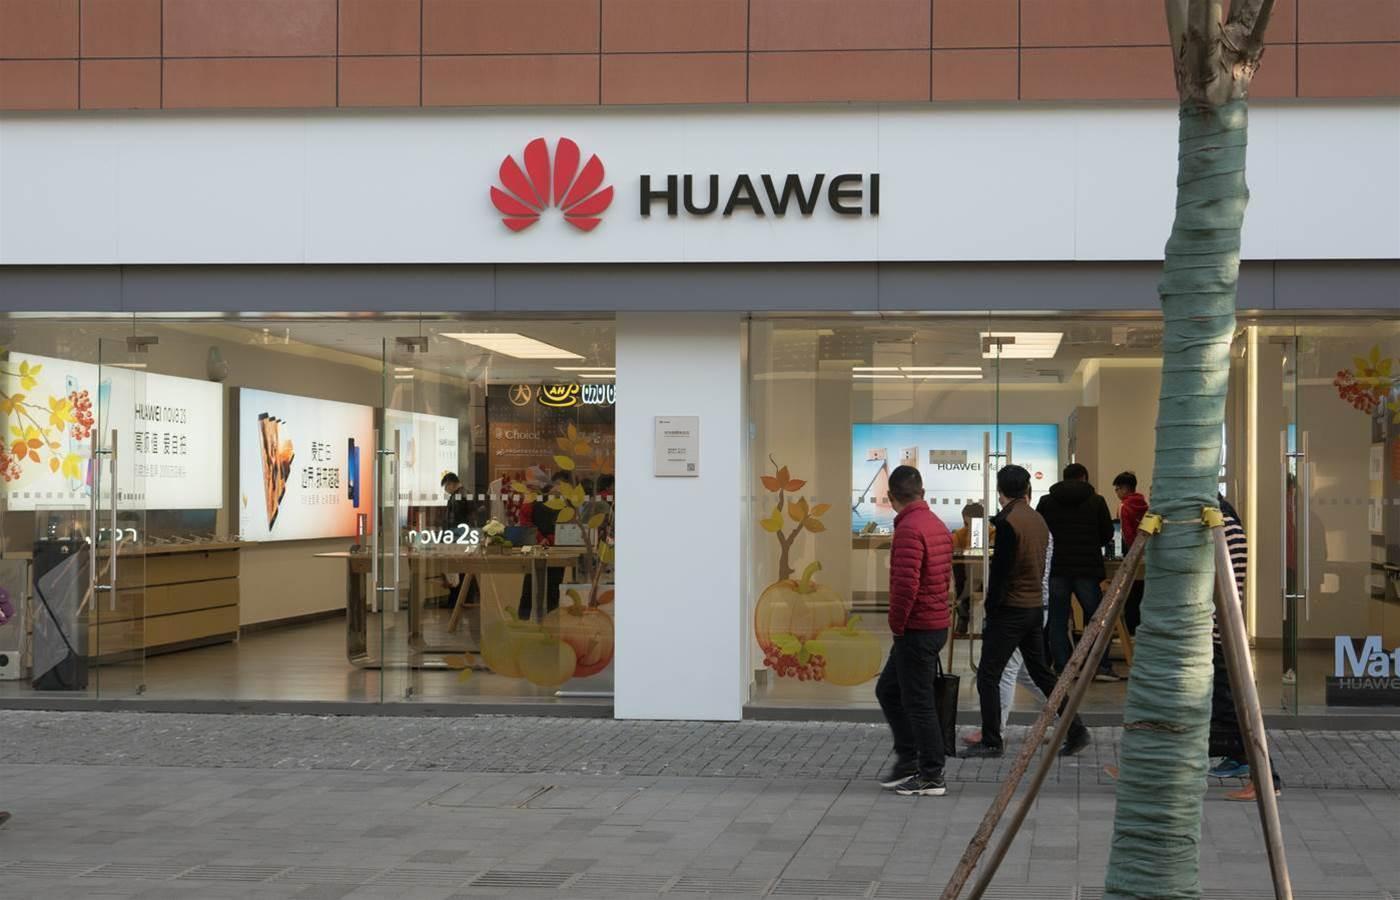 Huawei books record smartphone sales amid global scrutiny